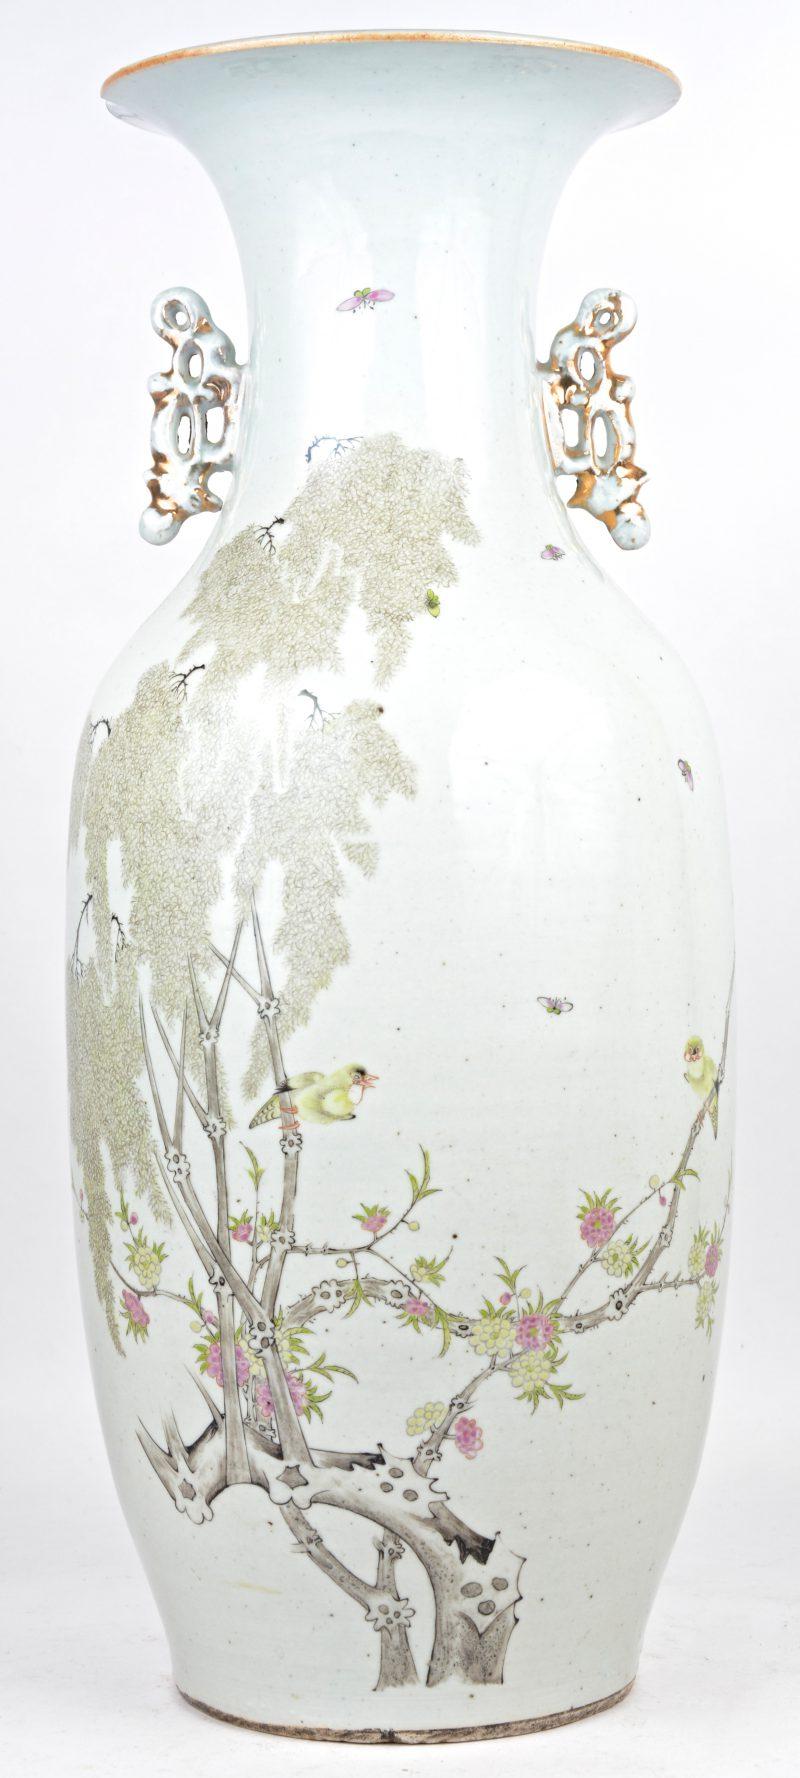 Een vaas van Chinees porselein met een meerkleurig decor van vogels op bloeiende takken. Begin XIXe eeuw. Schade aan de kraag.